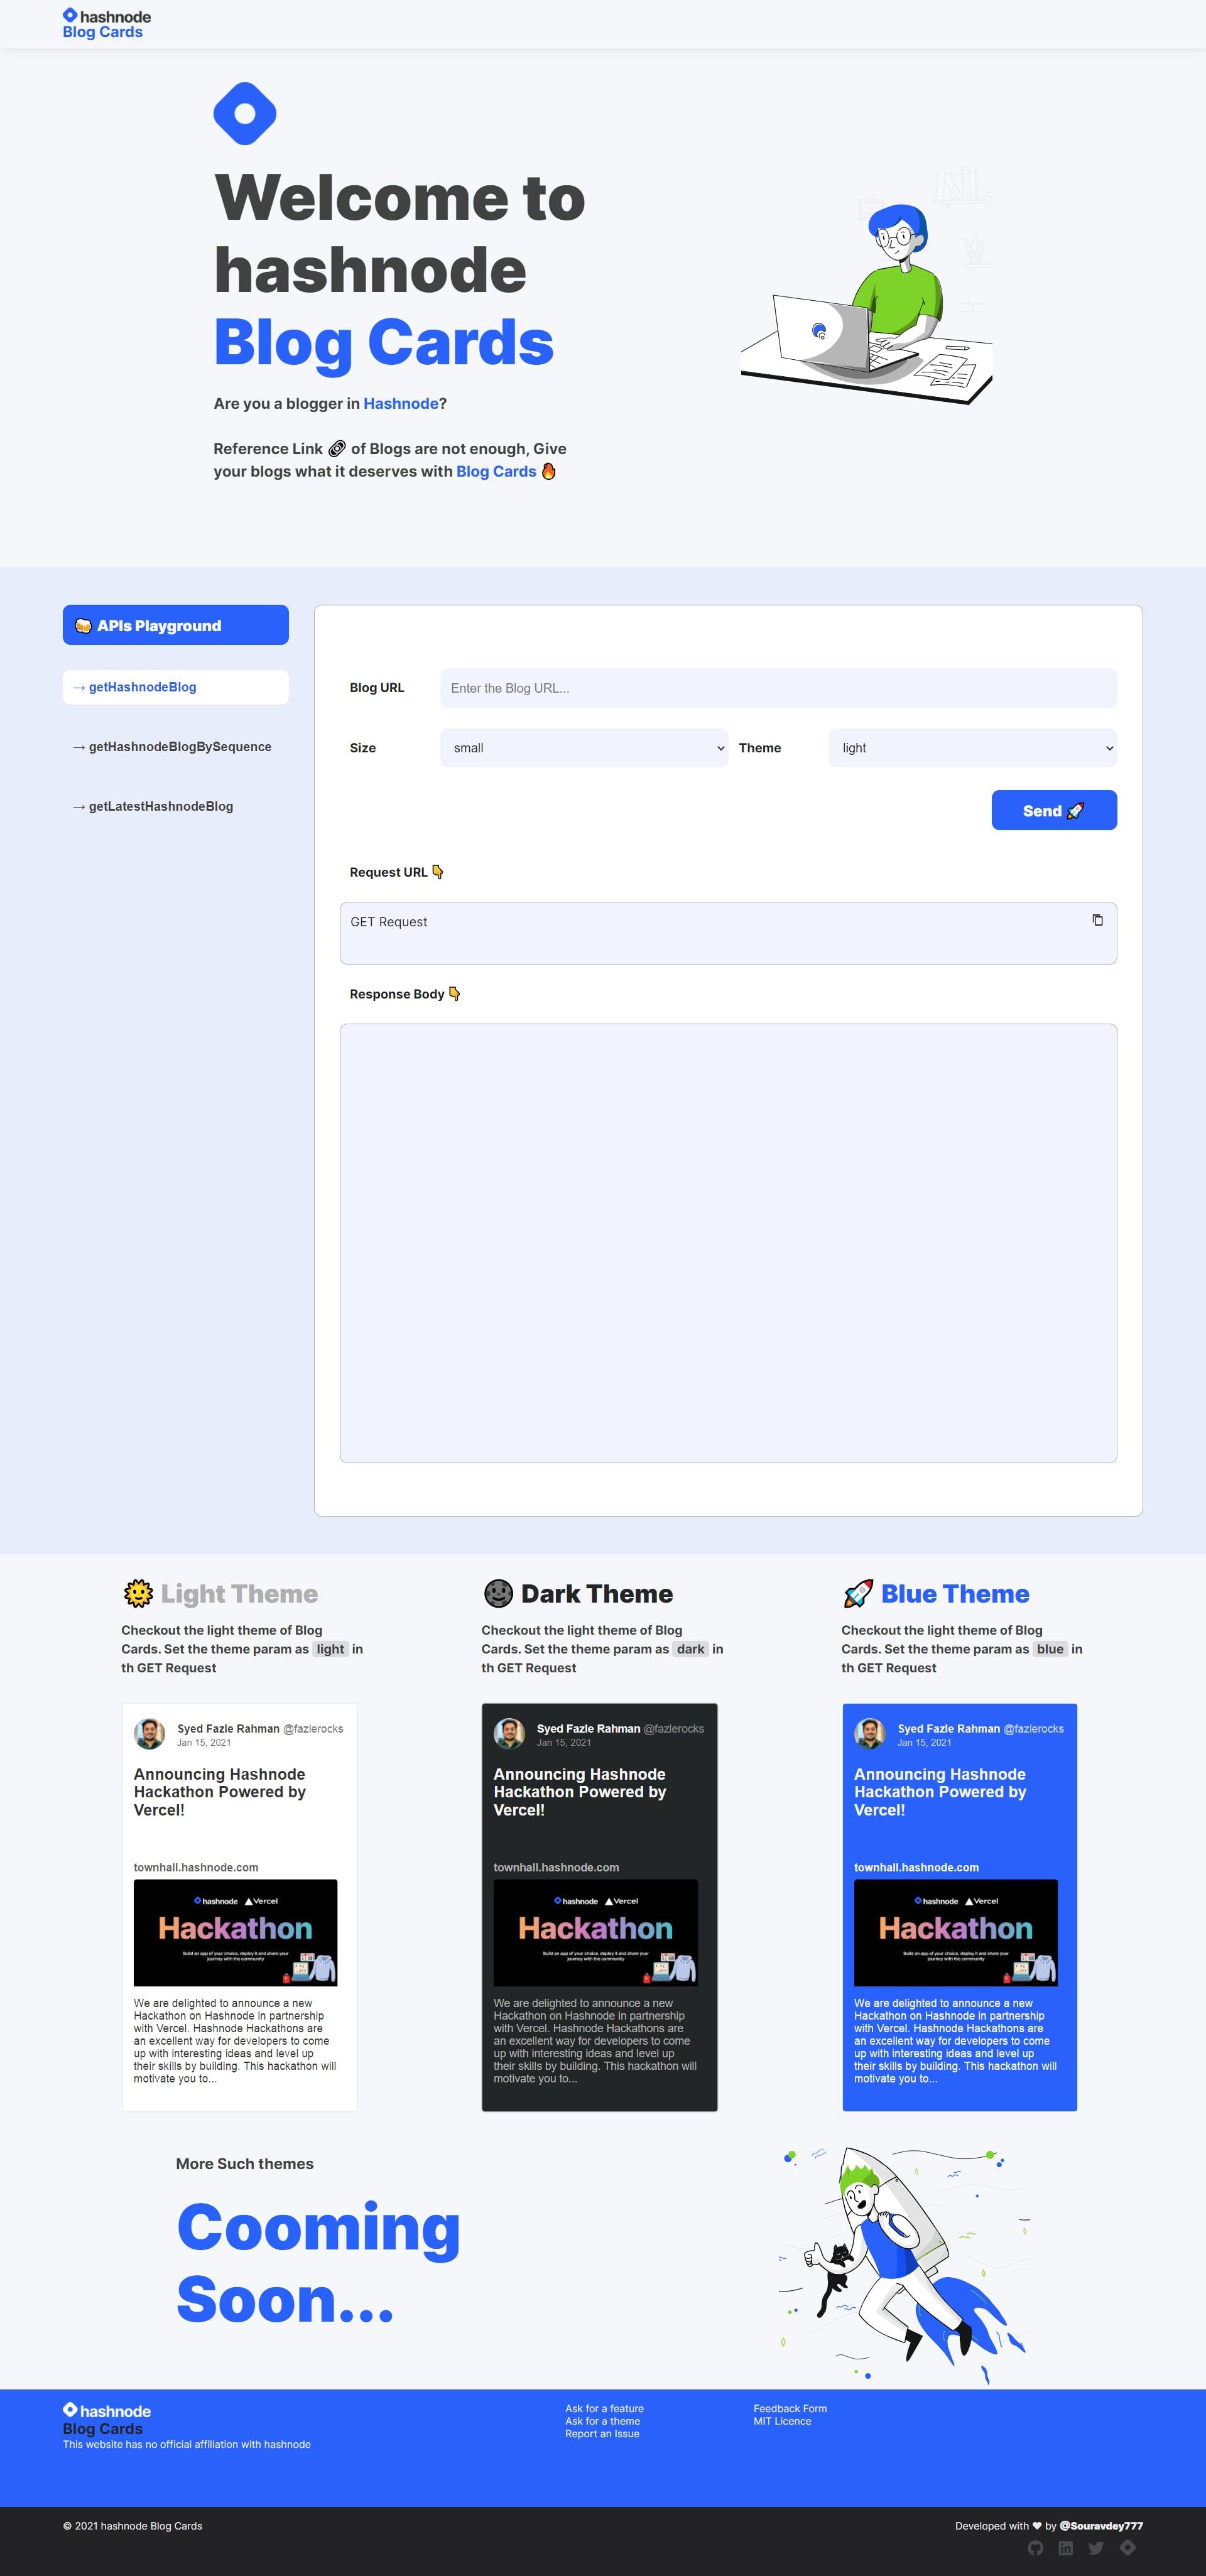 screencapture-hashnode-blog-cards-vercel-app-2021-02-06-22_05_56.png